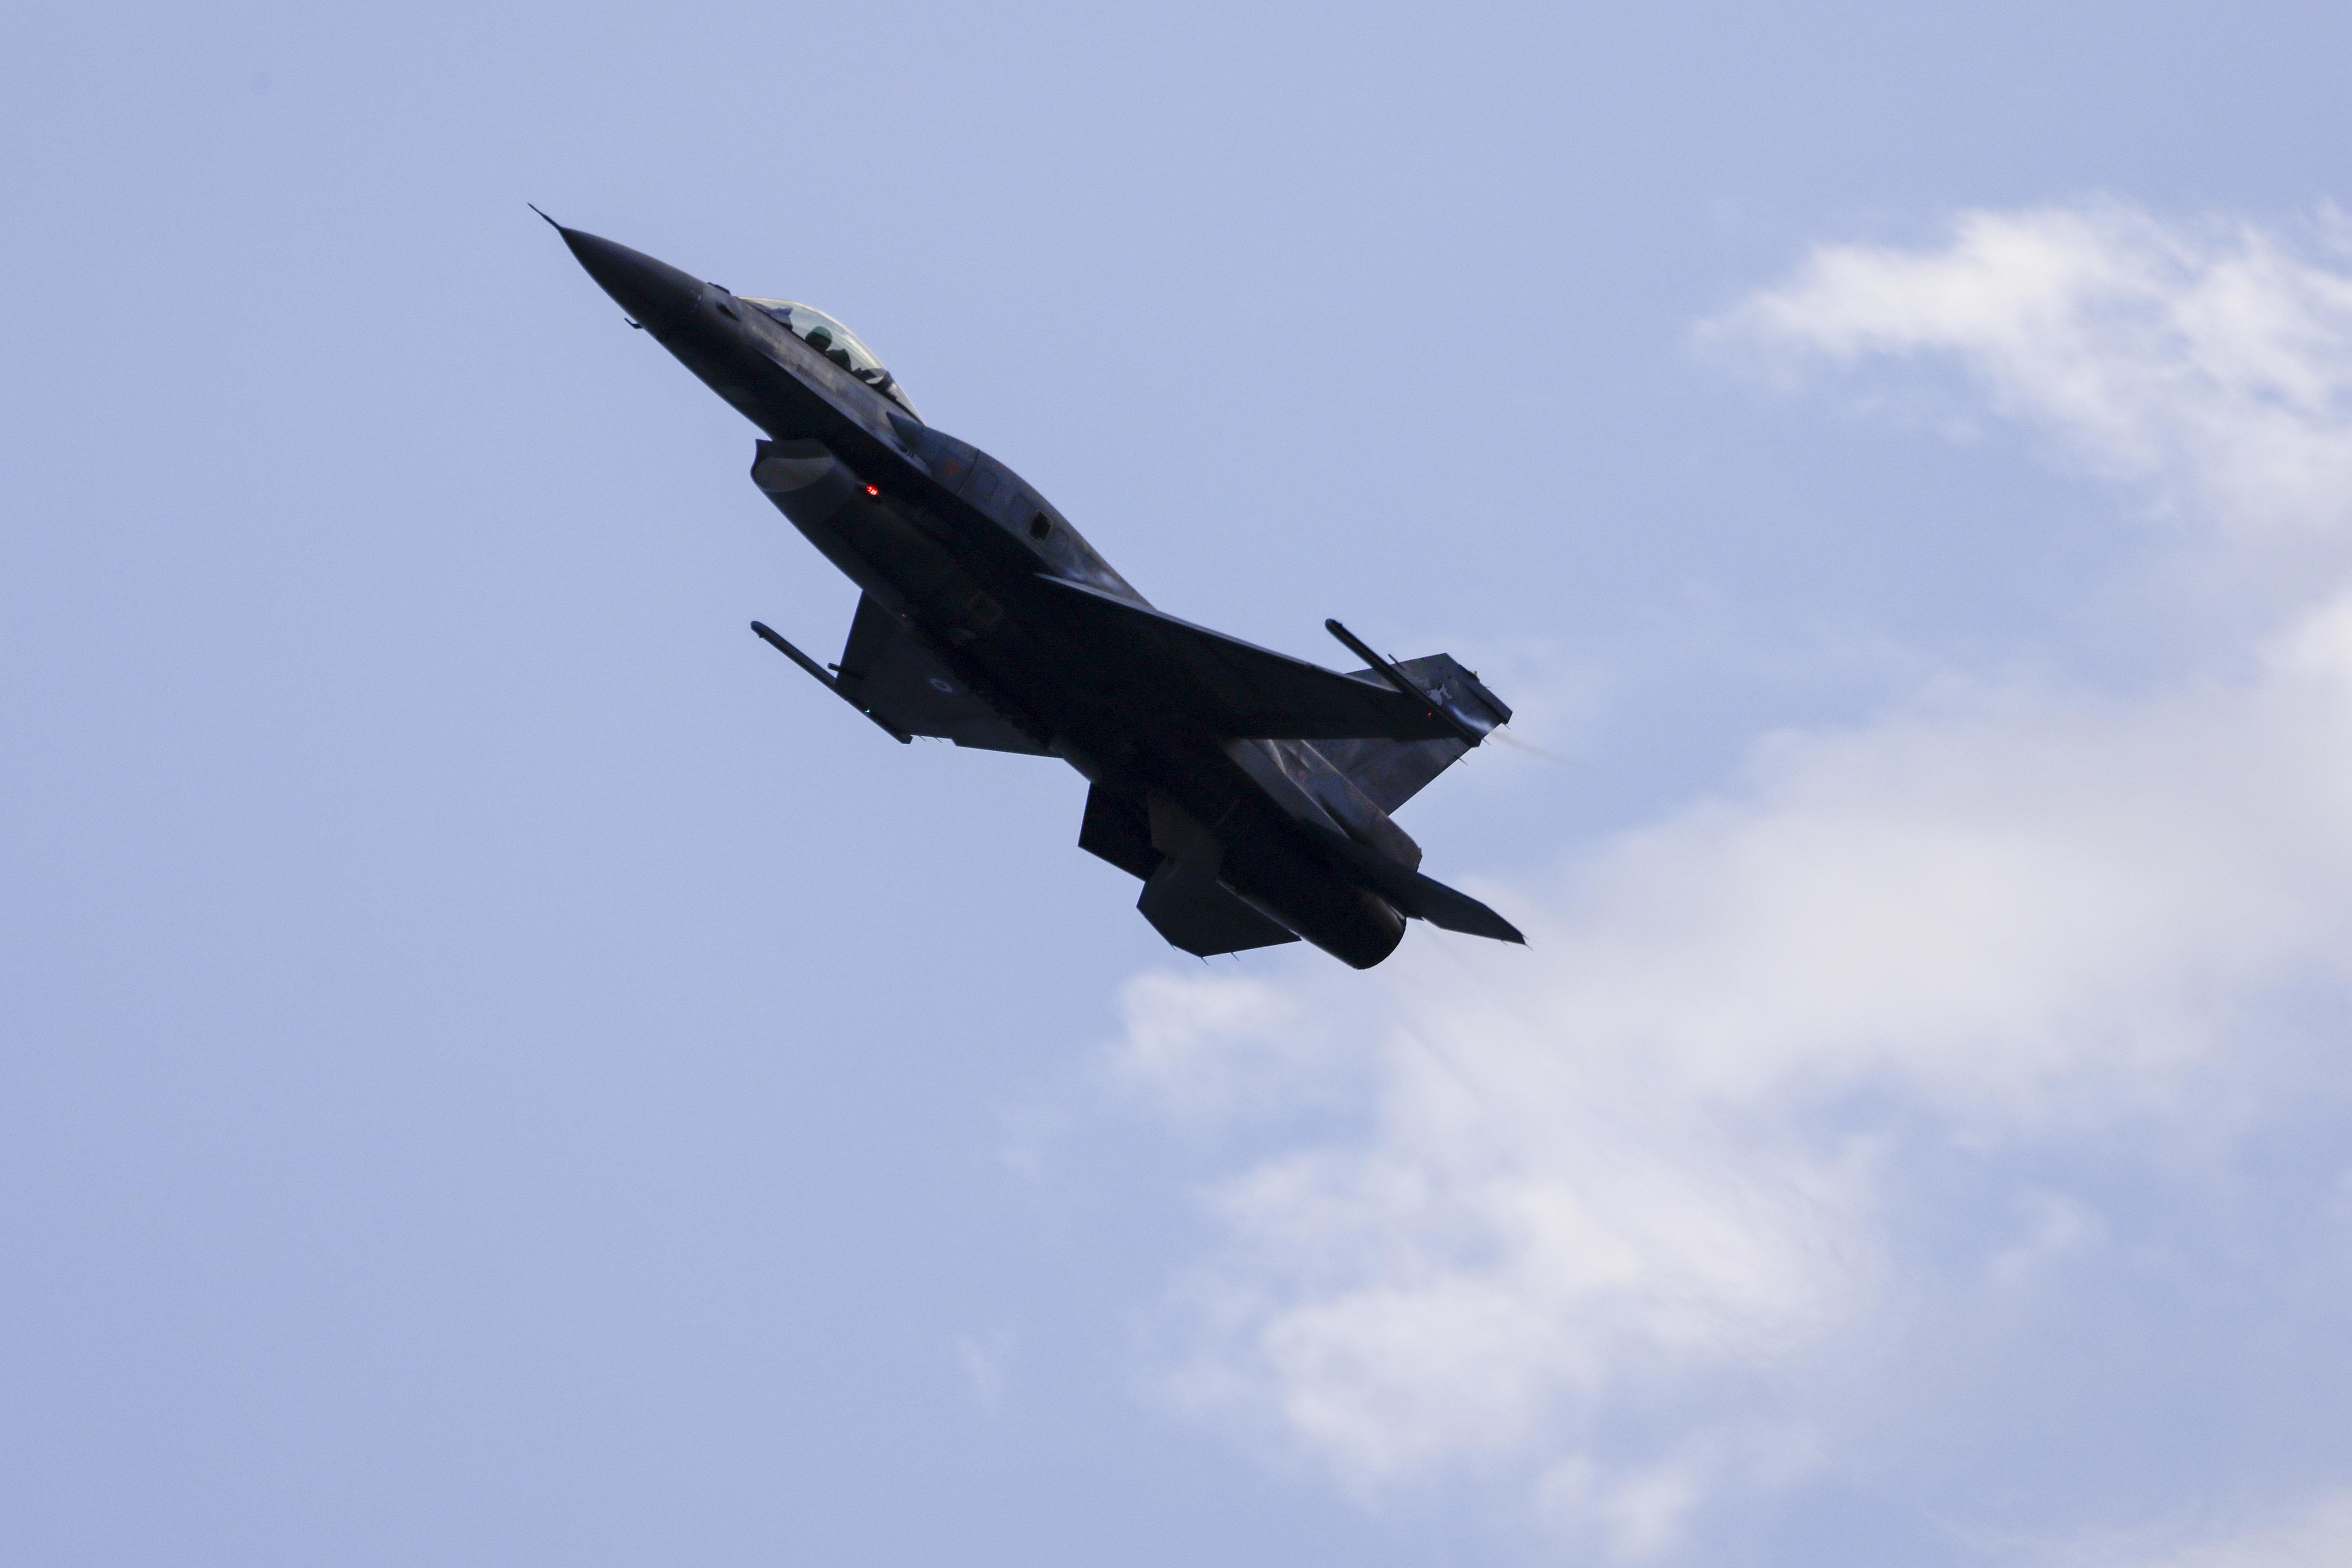 Διαμαρτυρία της αντιπολίτευσης στην Κύπρο για υπερπτήσεις ελληνικών F-16 στα κατεχόμενα κατά την διάρκεια στρατιωτικής παρέλασης